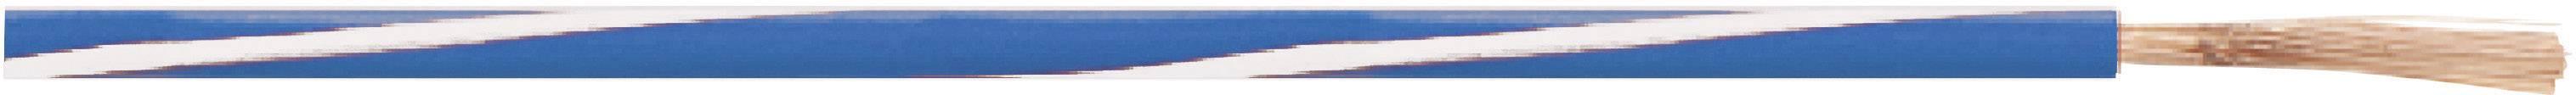 Opletenie / lanko LappKabel 4512252S X05V-K, 1 x 0.75 mm², vonkajší Ø 2.40 mm, metrový tovar, modrá, červená